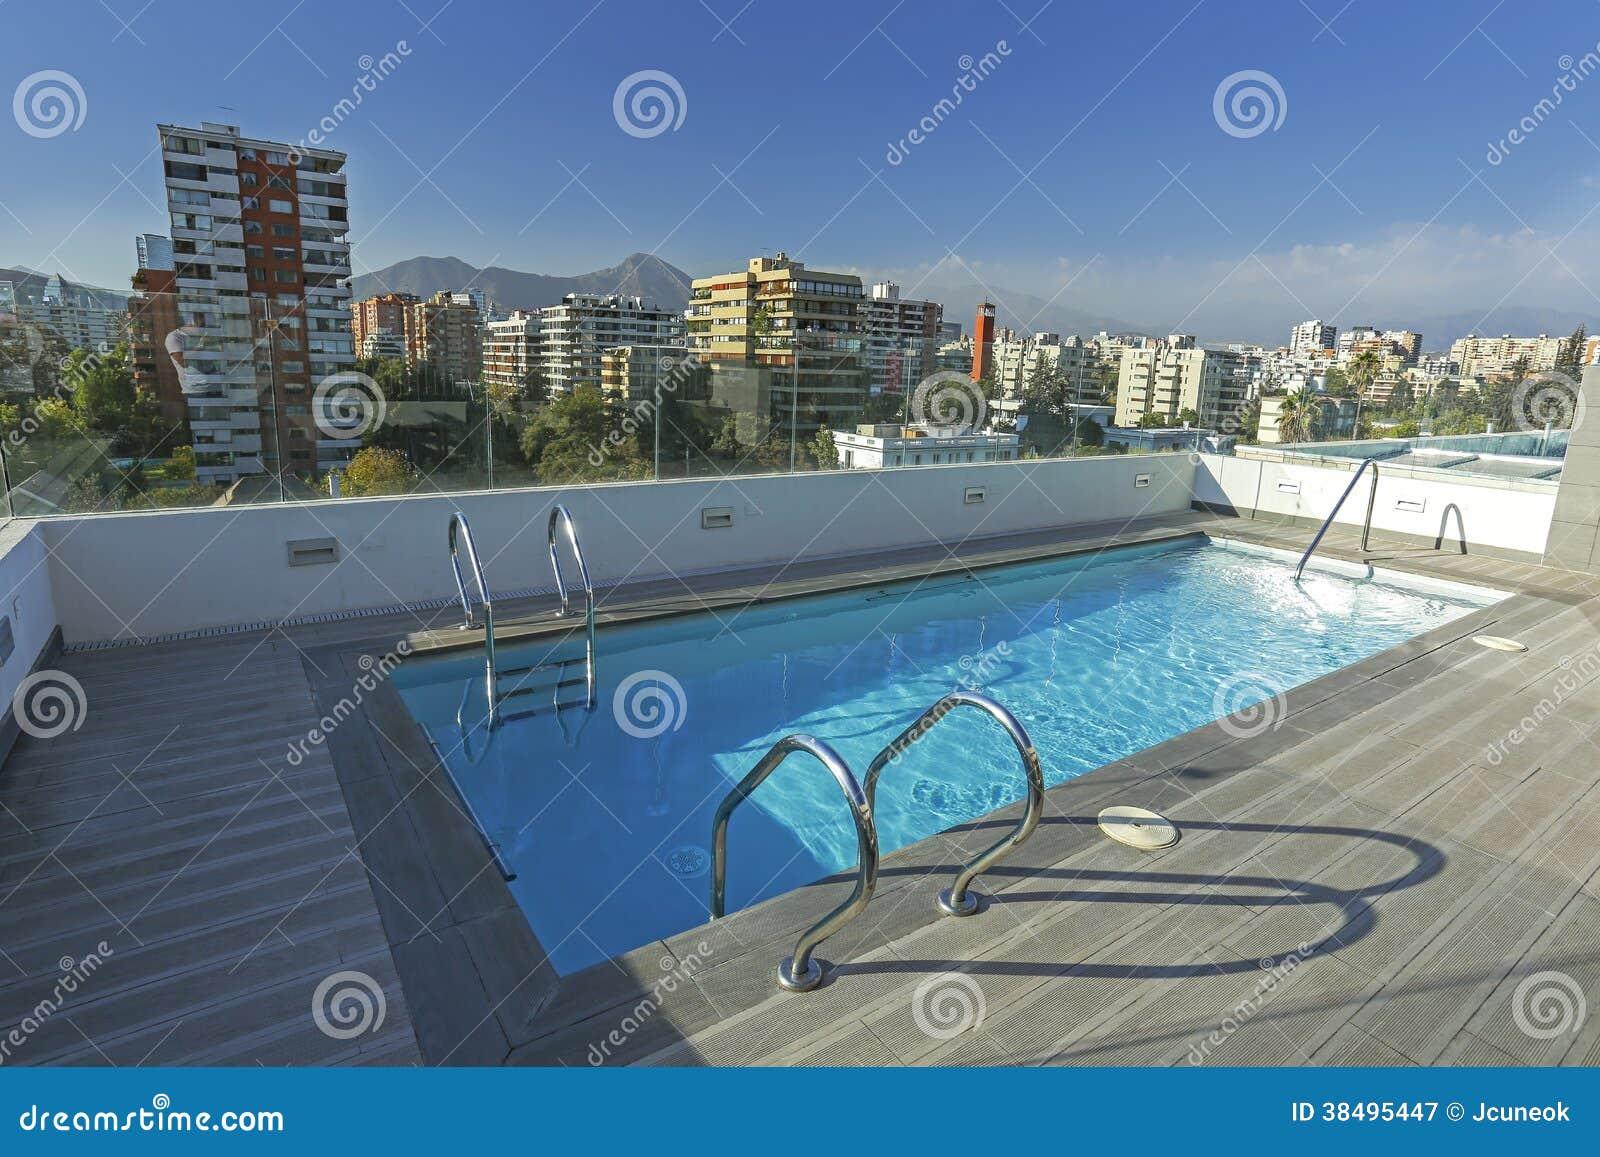 屋顶泳池_屋顶游泳池